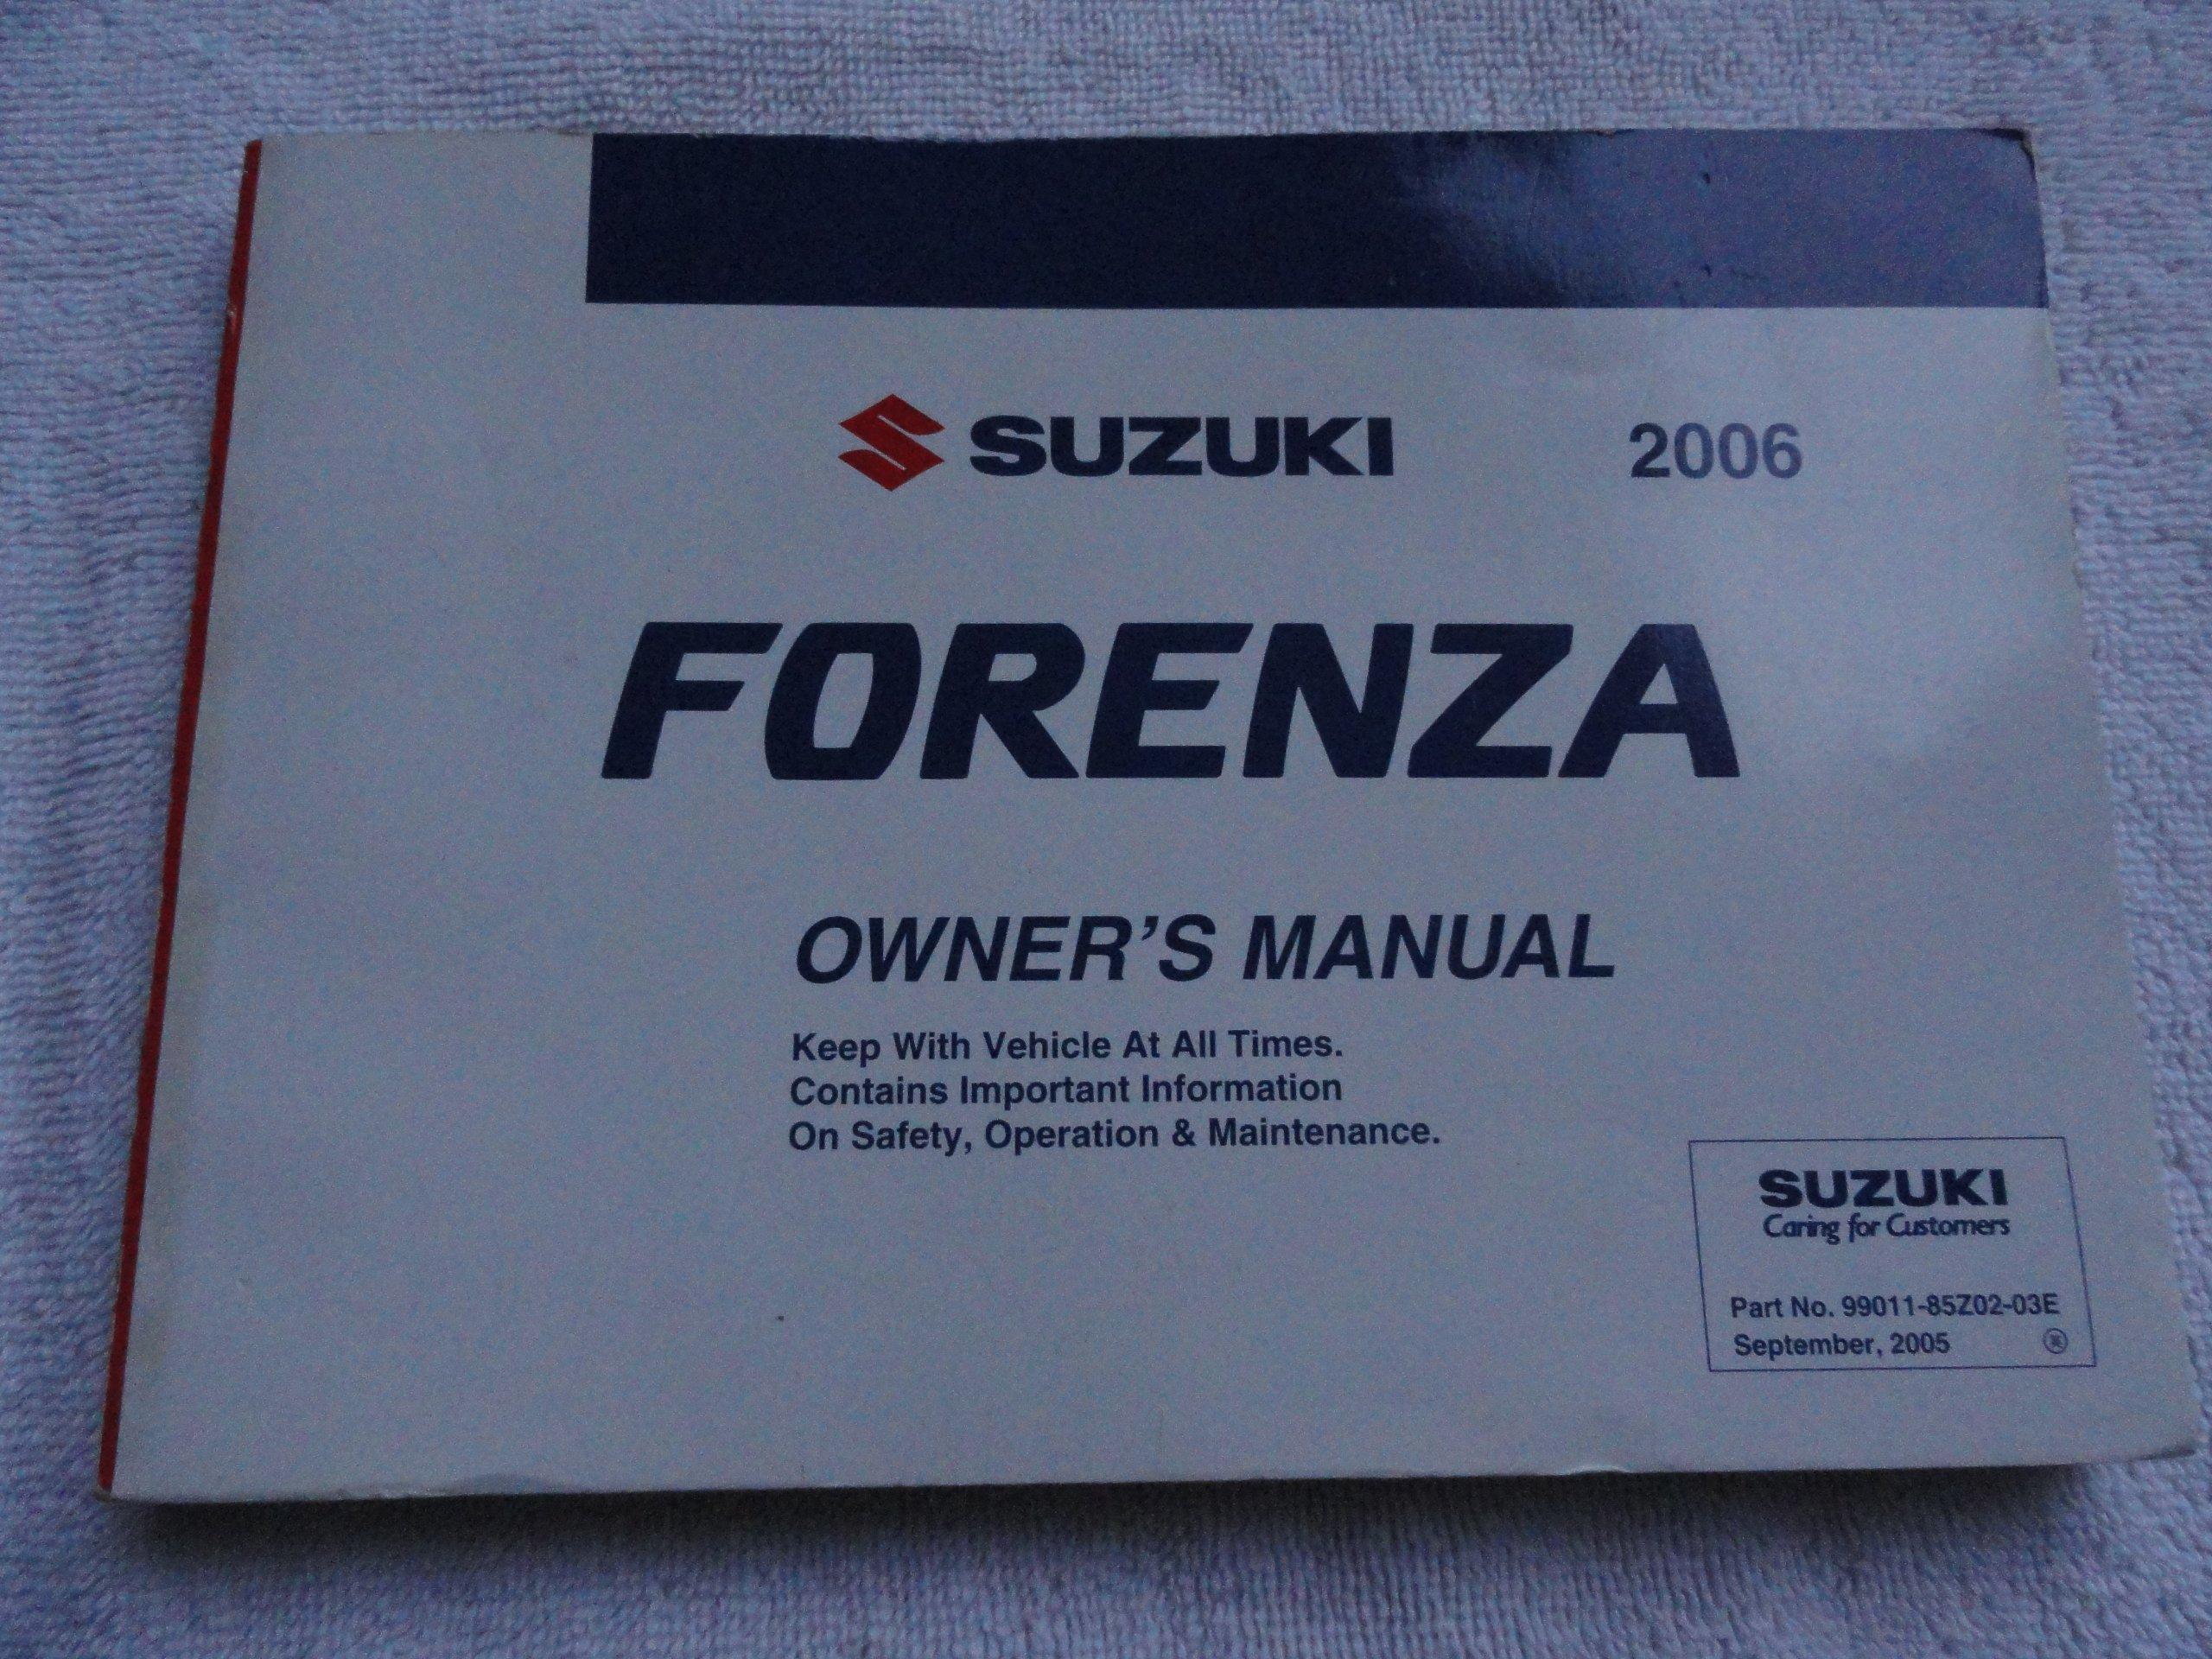 2006 suzuki forenza owners manual suzuki amazon com books rh amazon com 2006 Suzuki Forenza Engine Diagram 2006 suzuki forenza owners manual pdf